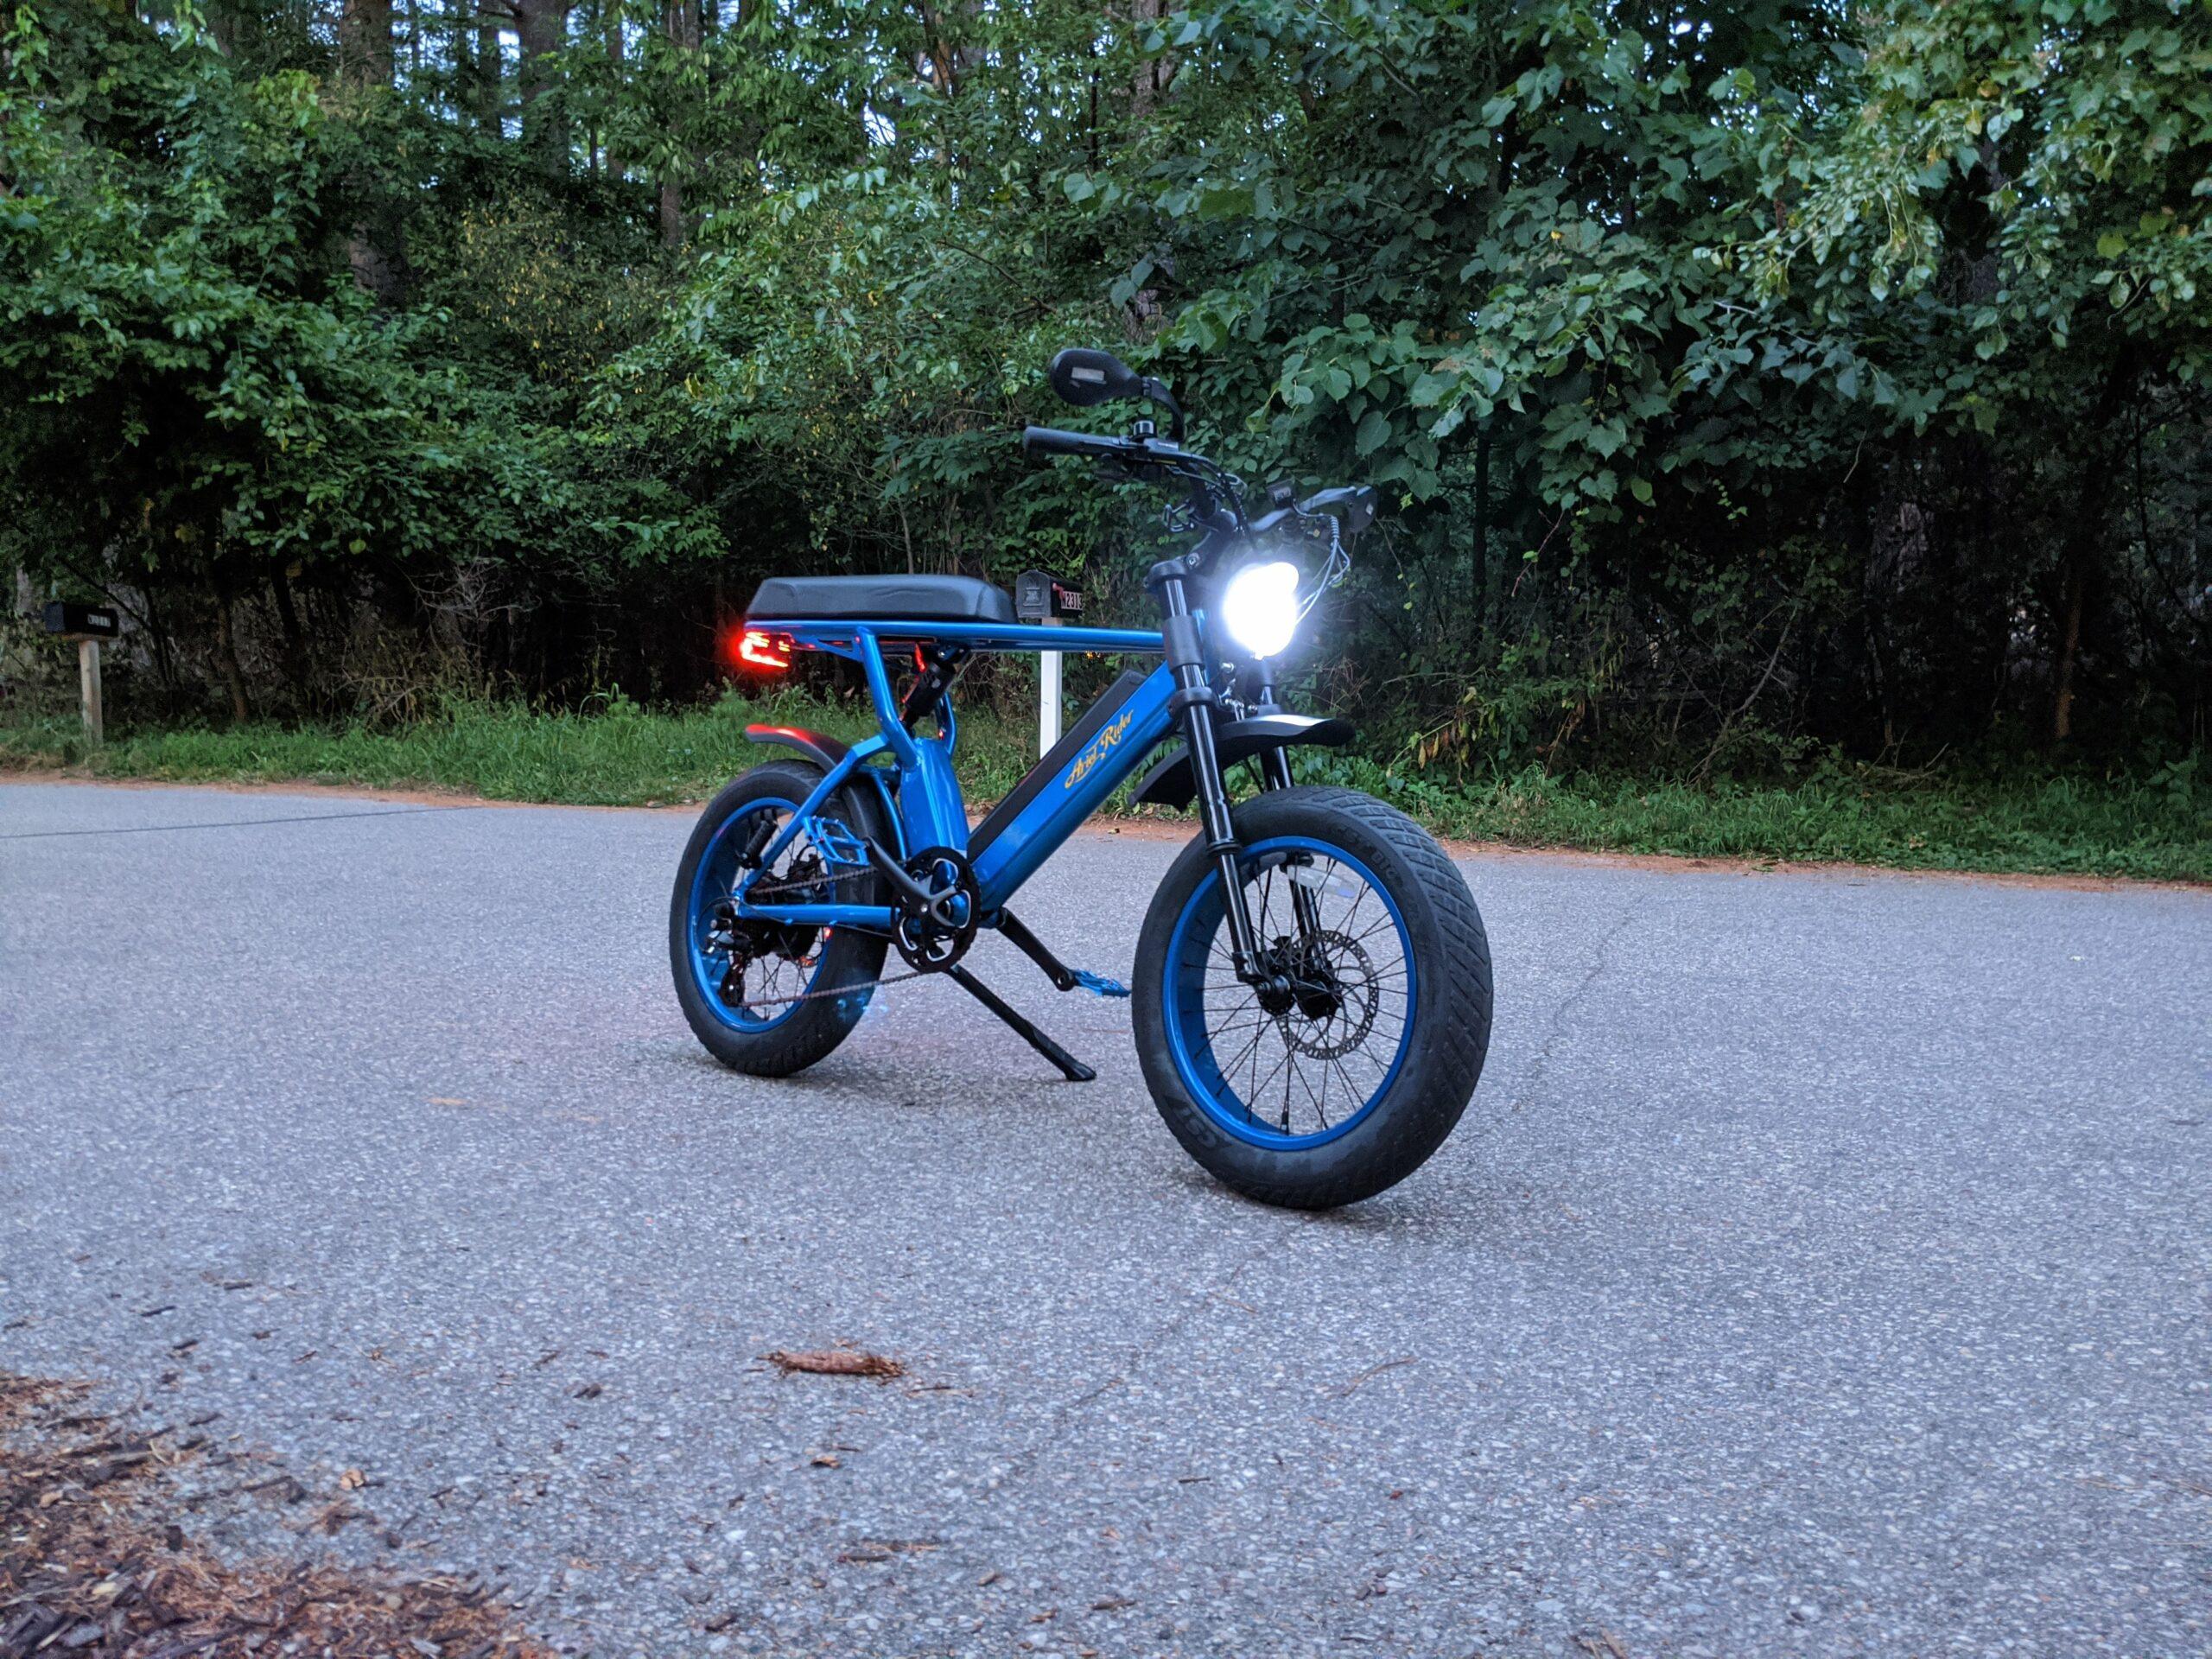 Ariel Rider X-Class Night